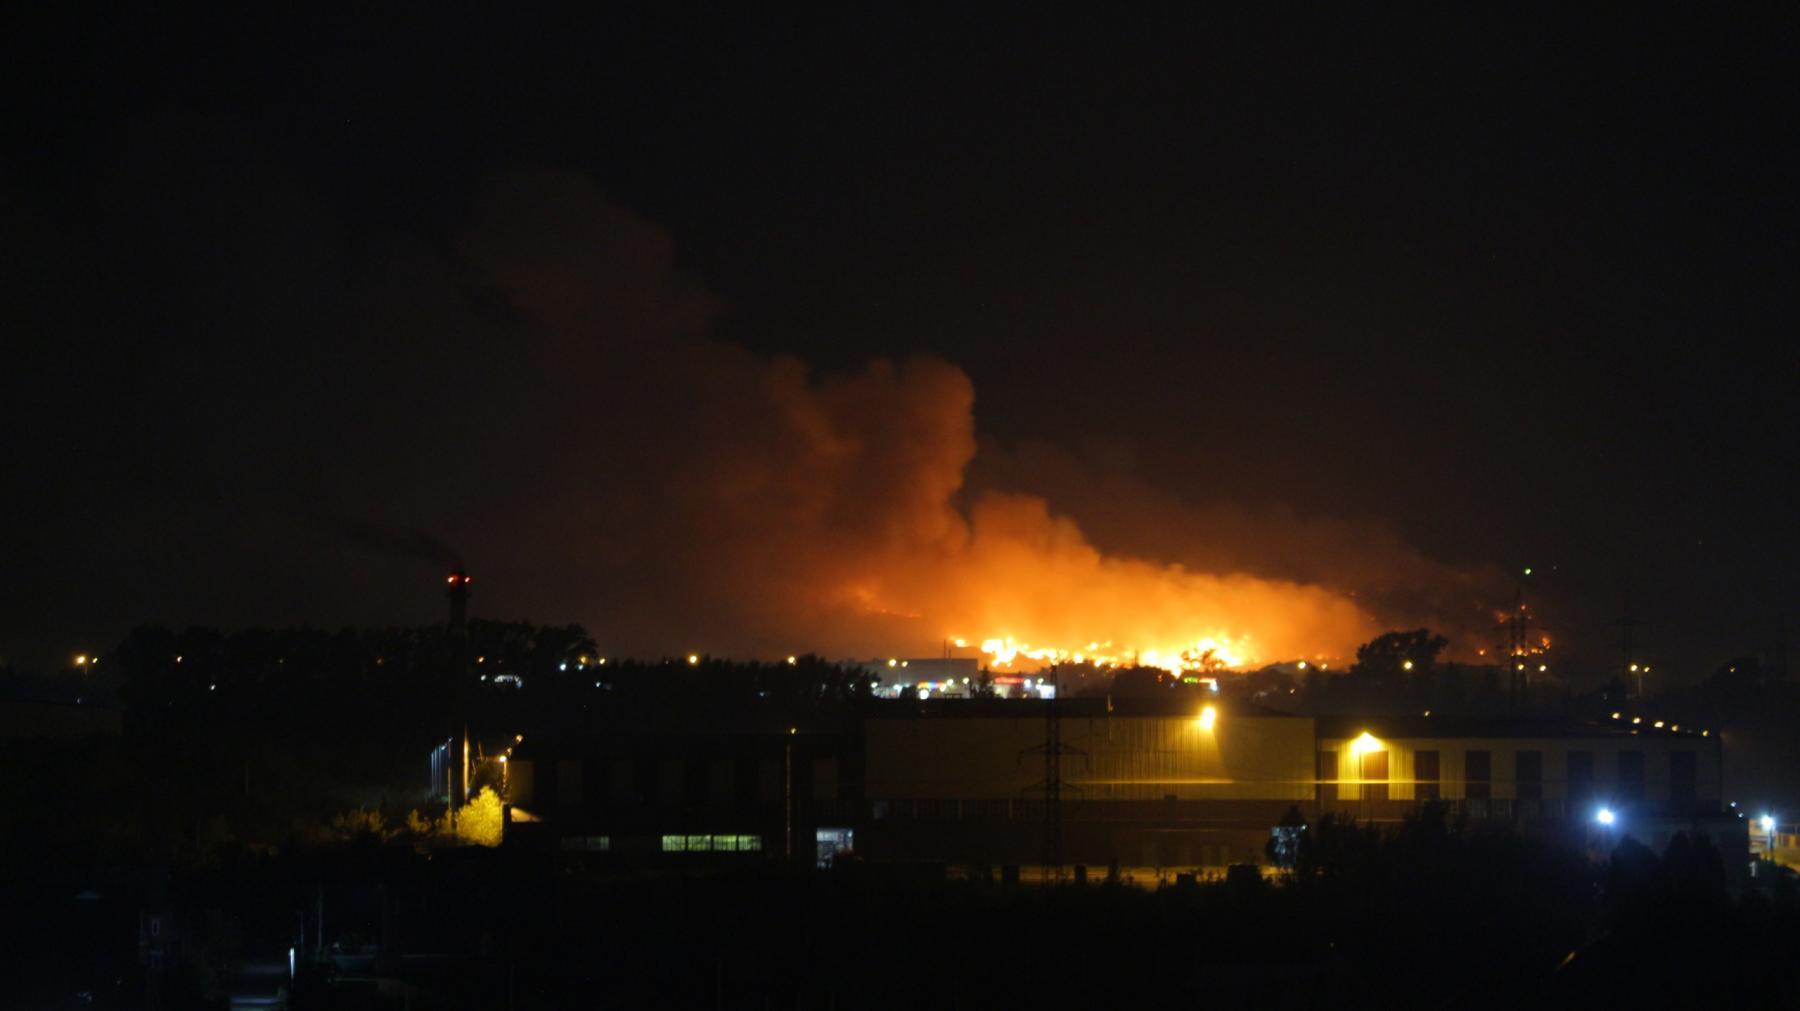 Фото «Экологическое бедствие левобережья»: эксперт рассказал о последствиях горения свалки в Новосибирске 2